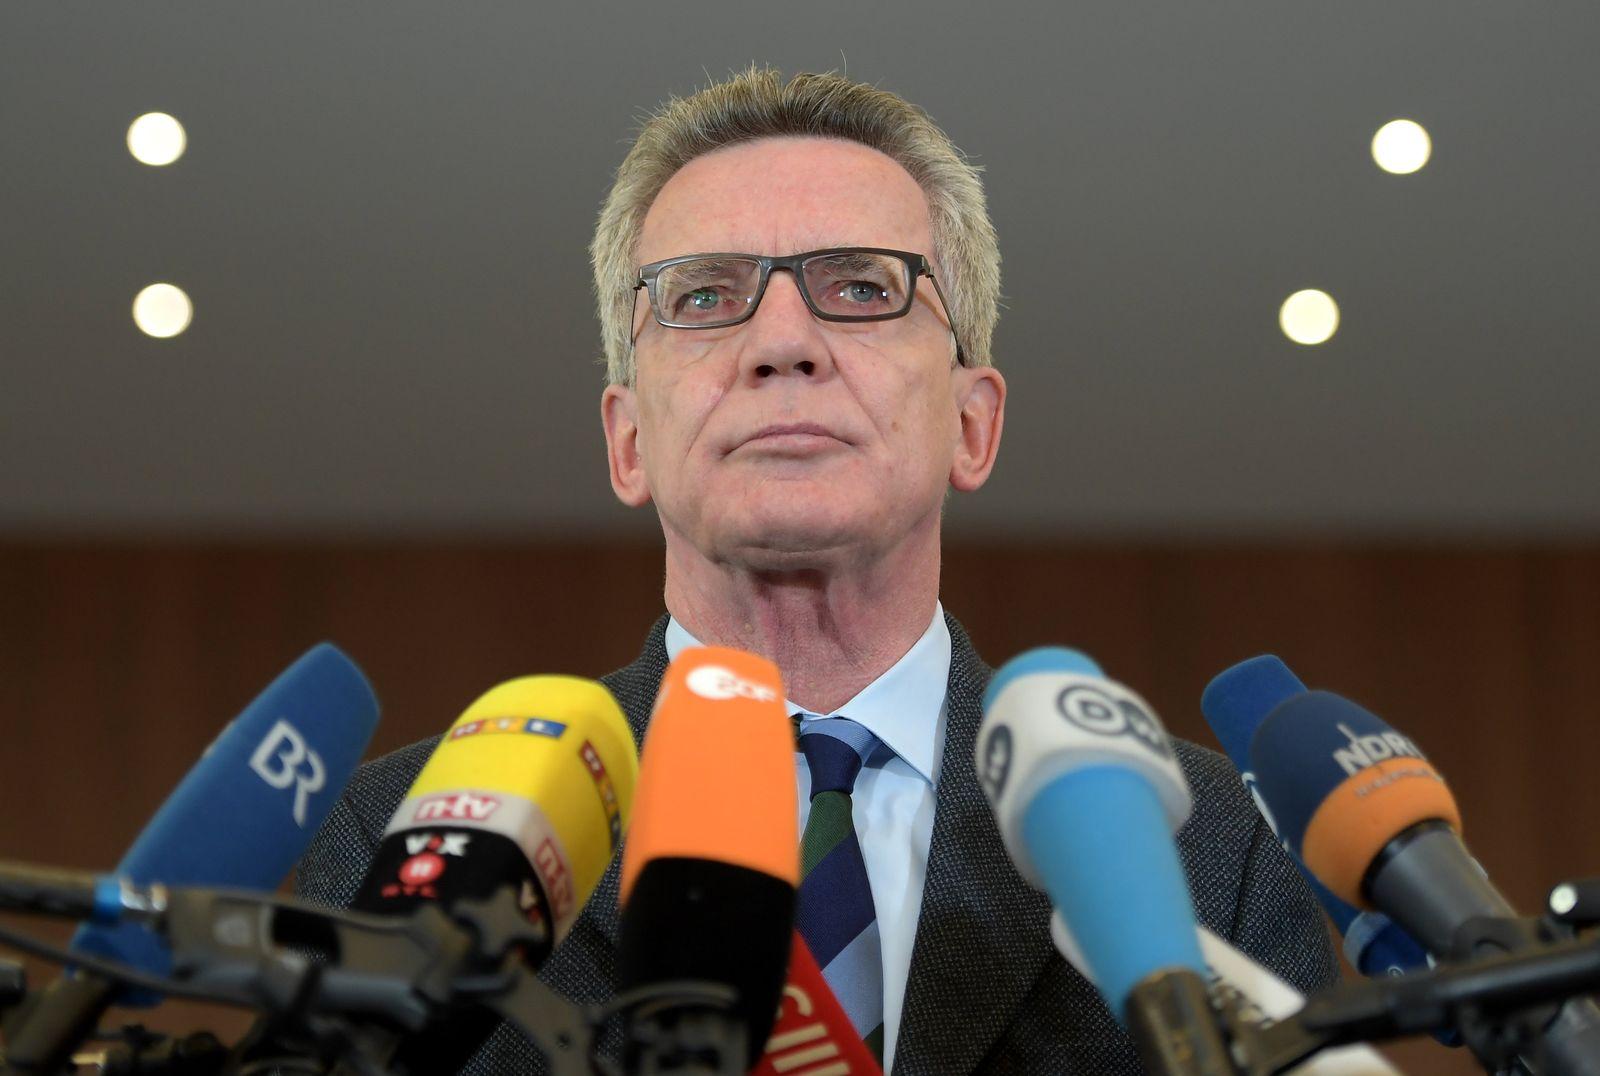 Anschlag auf BVB-Bus - Statement Bundesinnenminister